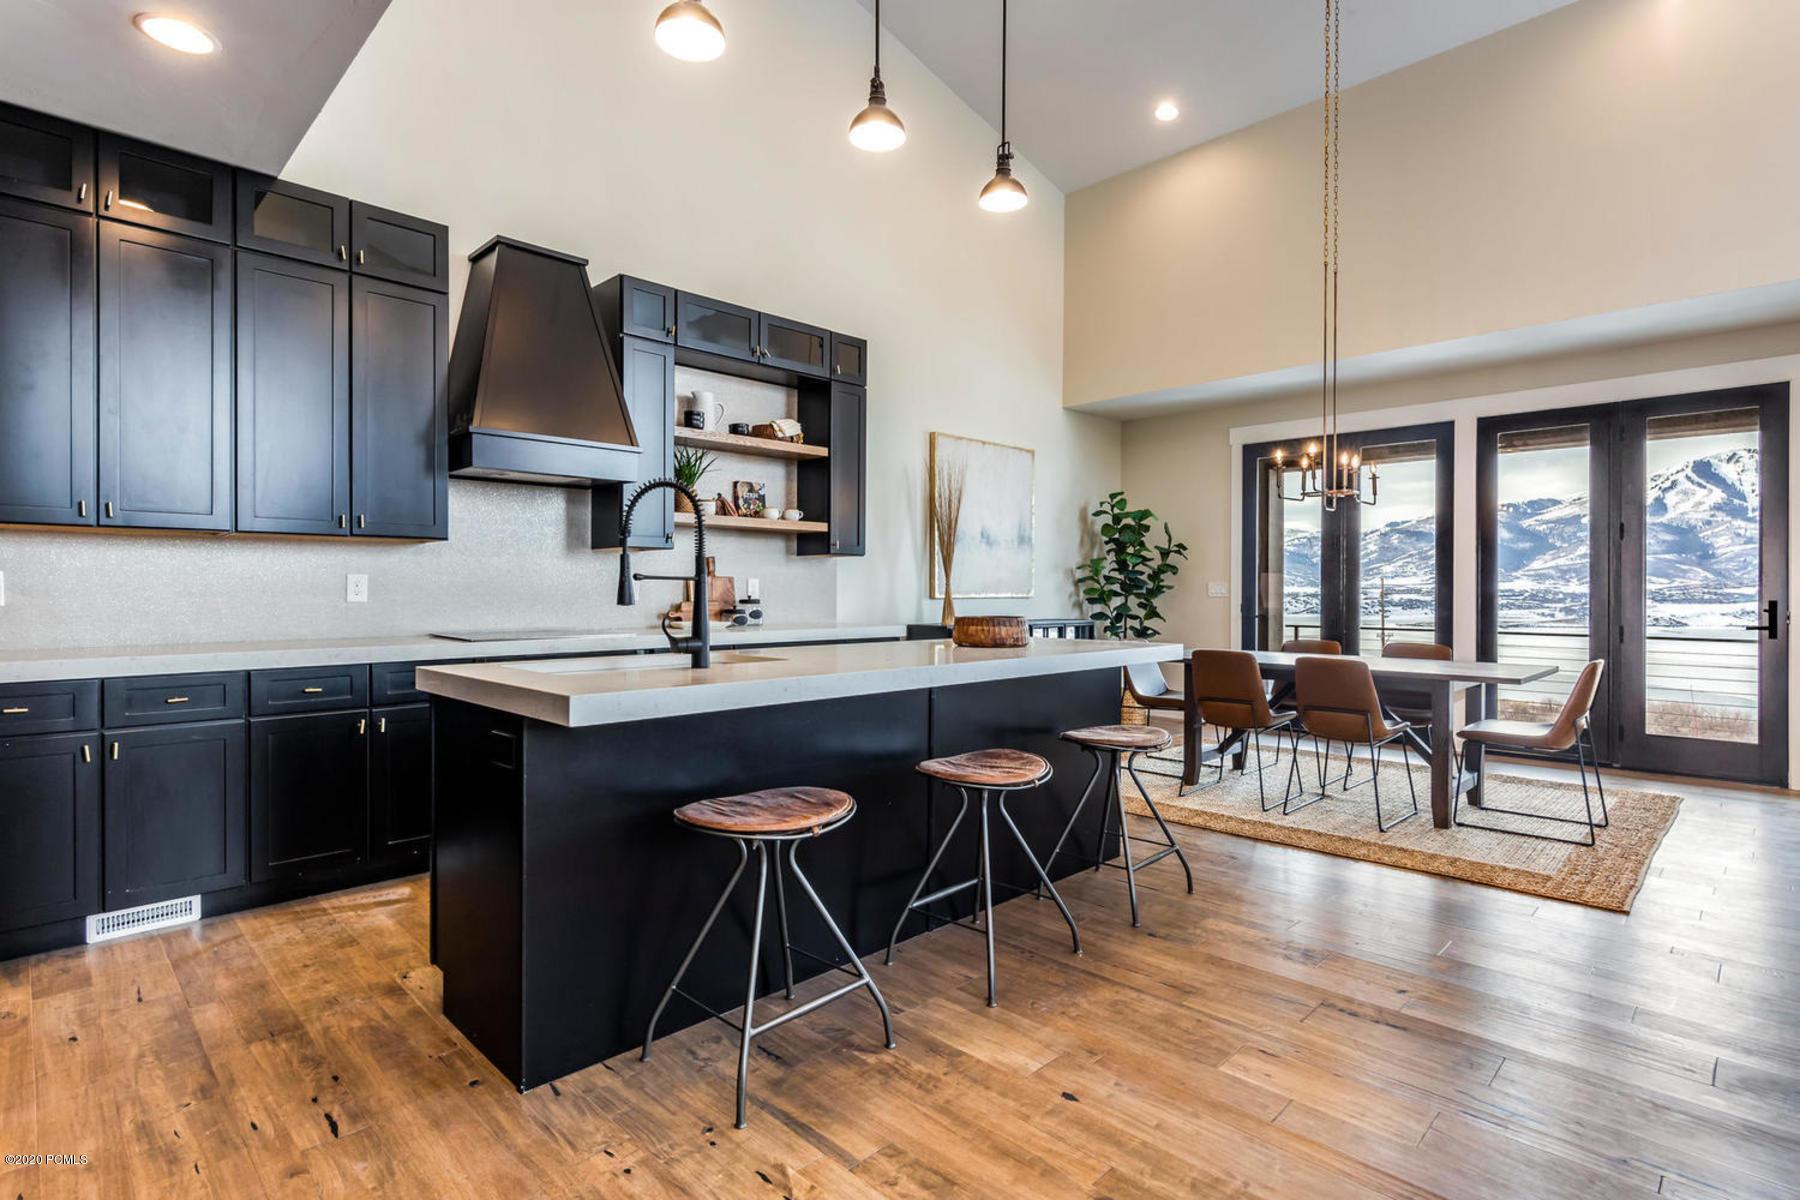 377 Overlook Loop, Lot 20, Hideout, Utah 84036, 3 Bedrooms Bedrooms, ,4 BathroomsBathrooms,Condominium,For Sale,Overlook Loop, Lot 20,12002864